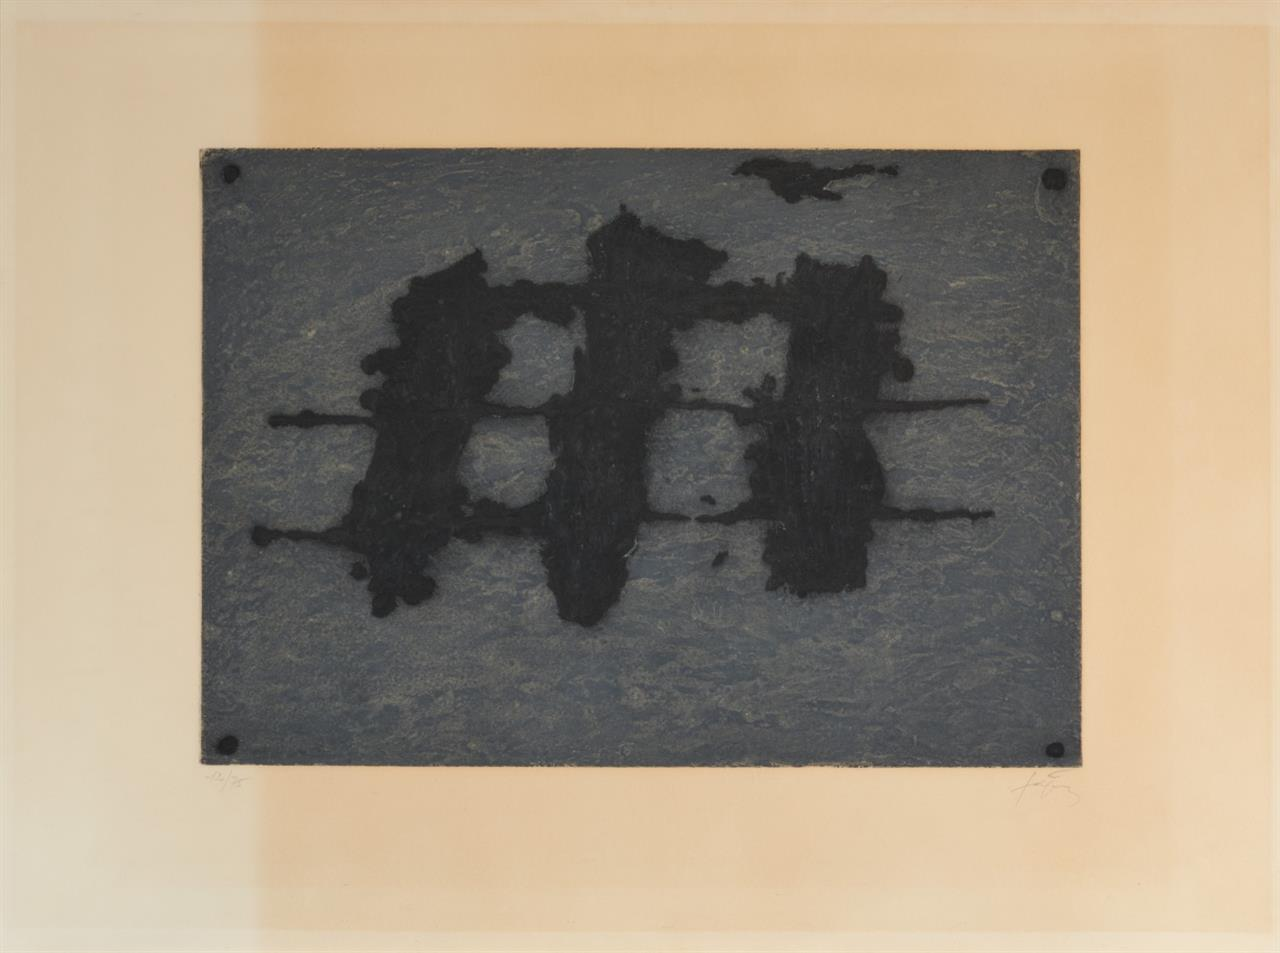 Antoni Tàpies. Trois taches et trois lignes noires. 1972. Radierung in Schwarz und Grau. Signiert. Ex. 12/75. G. 319.